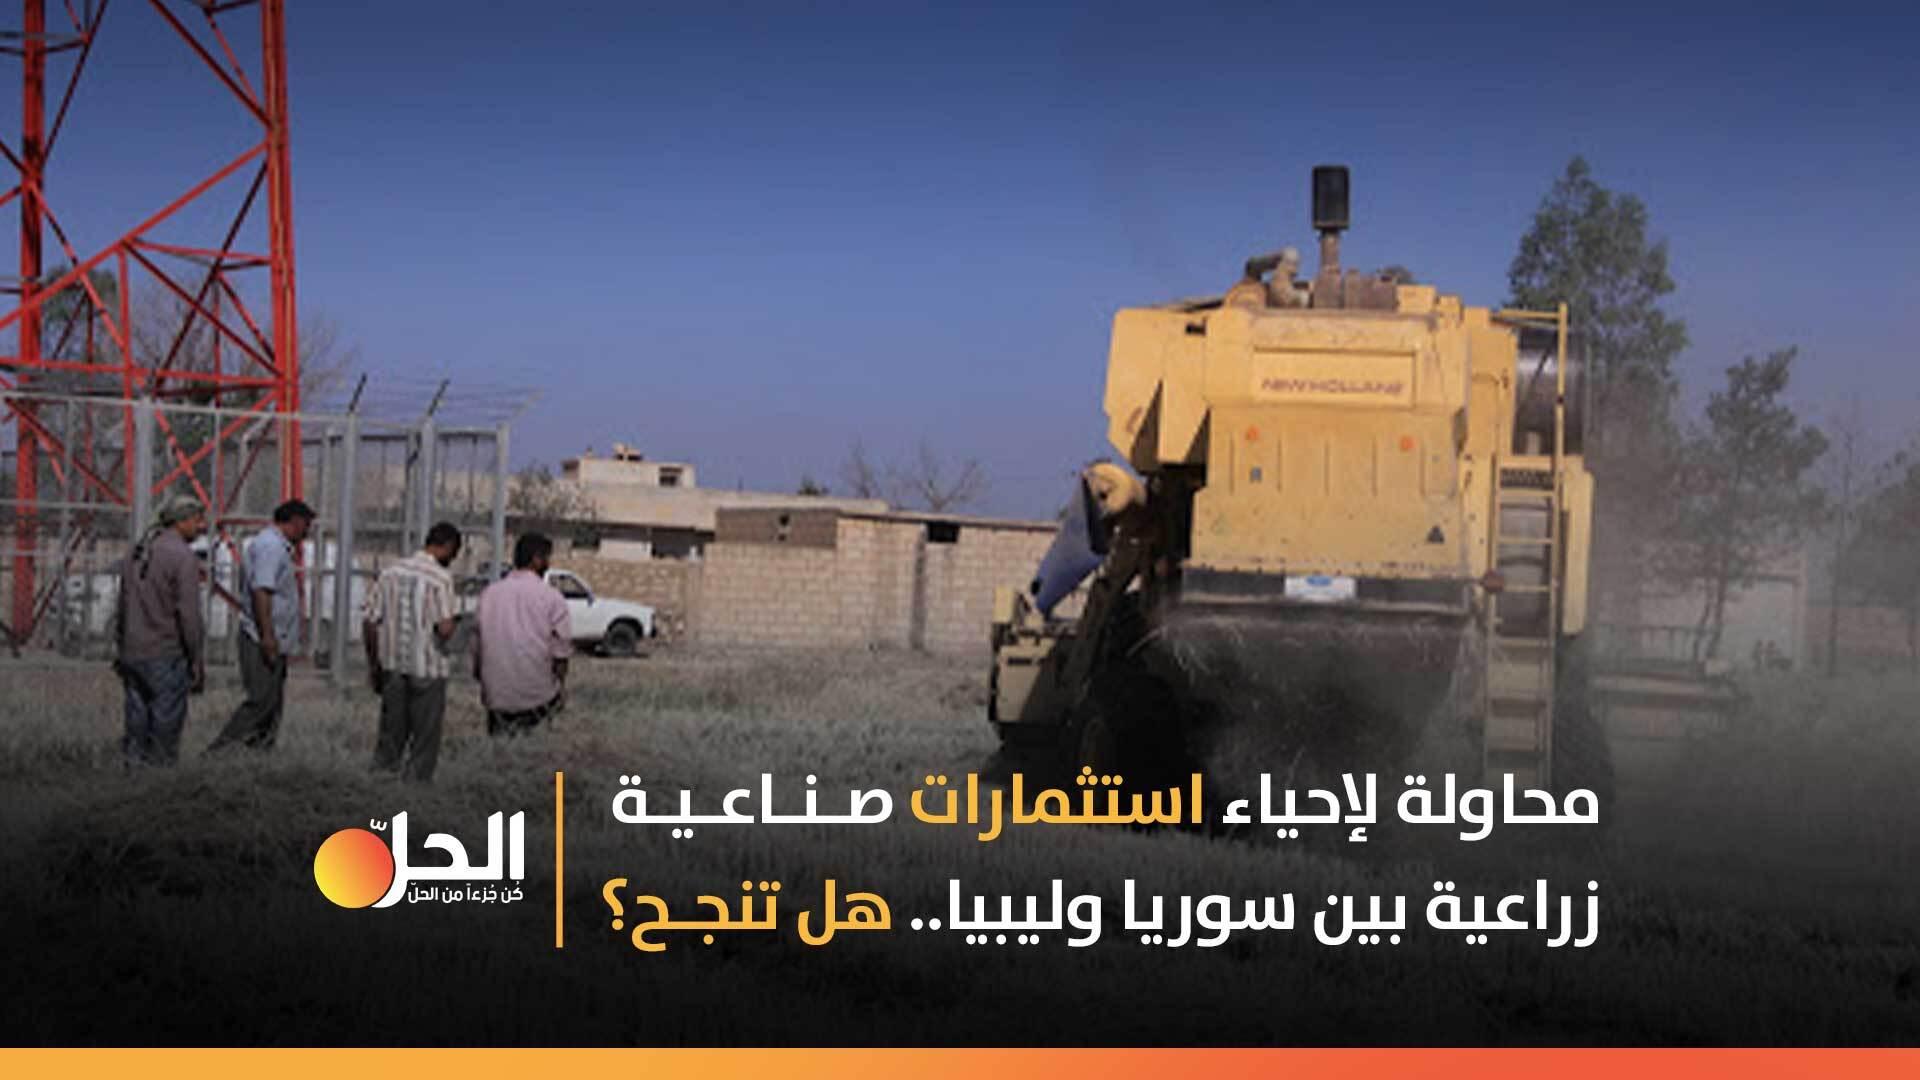 محاولة لإحياء استثمارات صناعية زراعية بين سوريا وليبيا.. هل تنجح؟